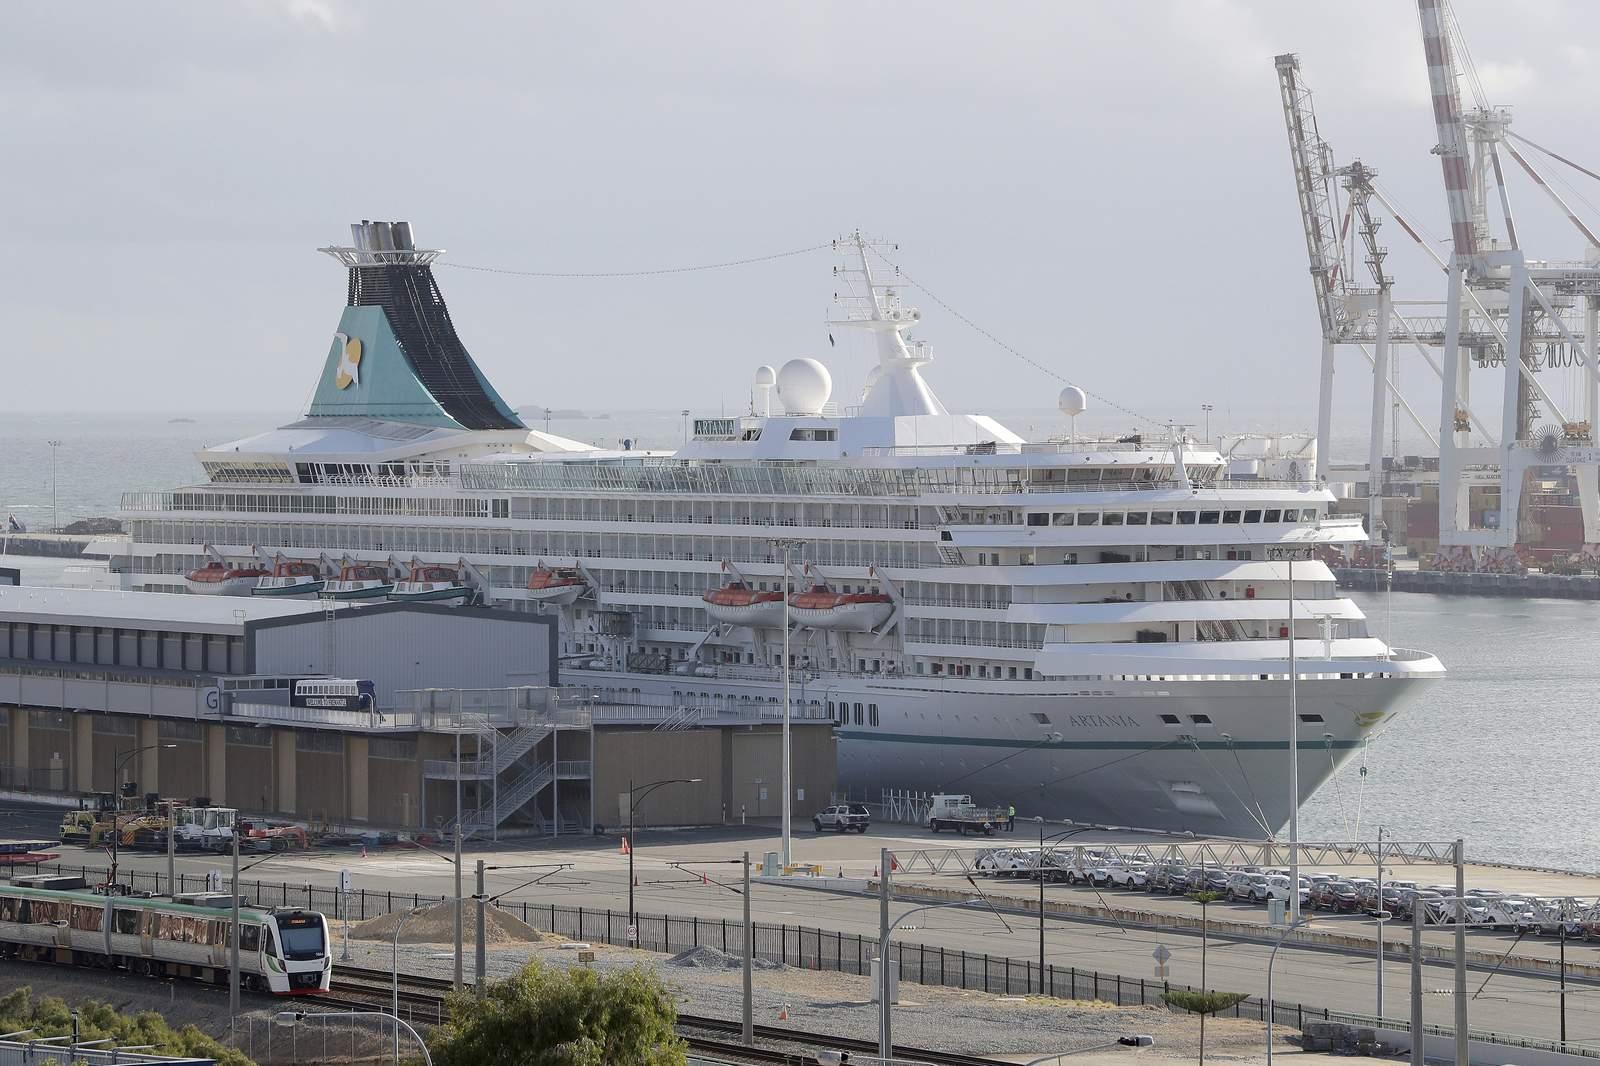 Australia se prepara para volar pasajeros de cruceros a Alemania 16